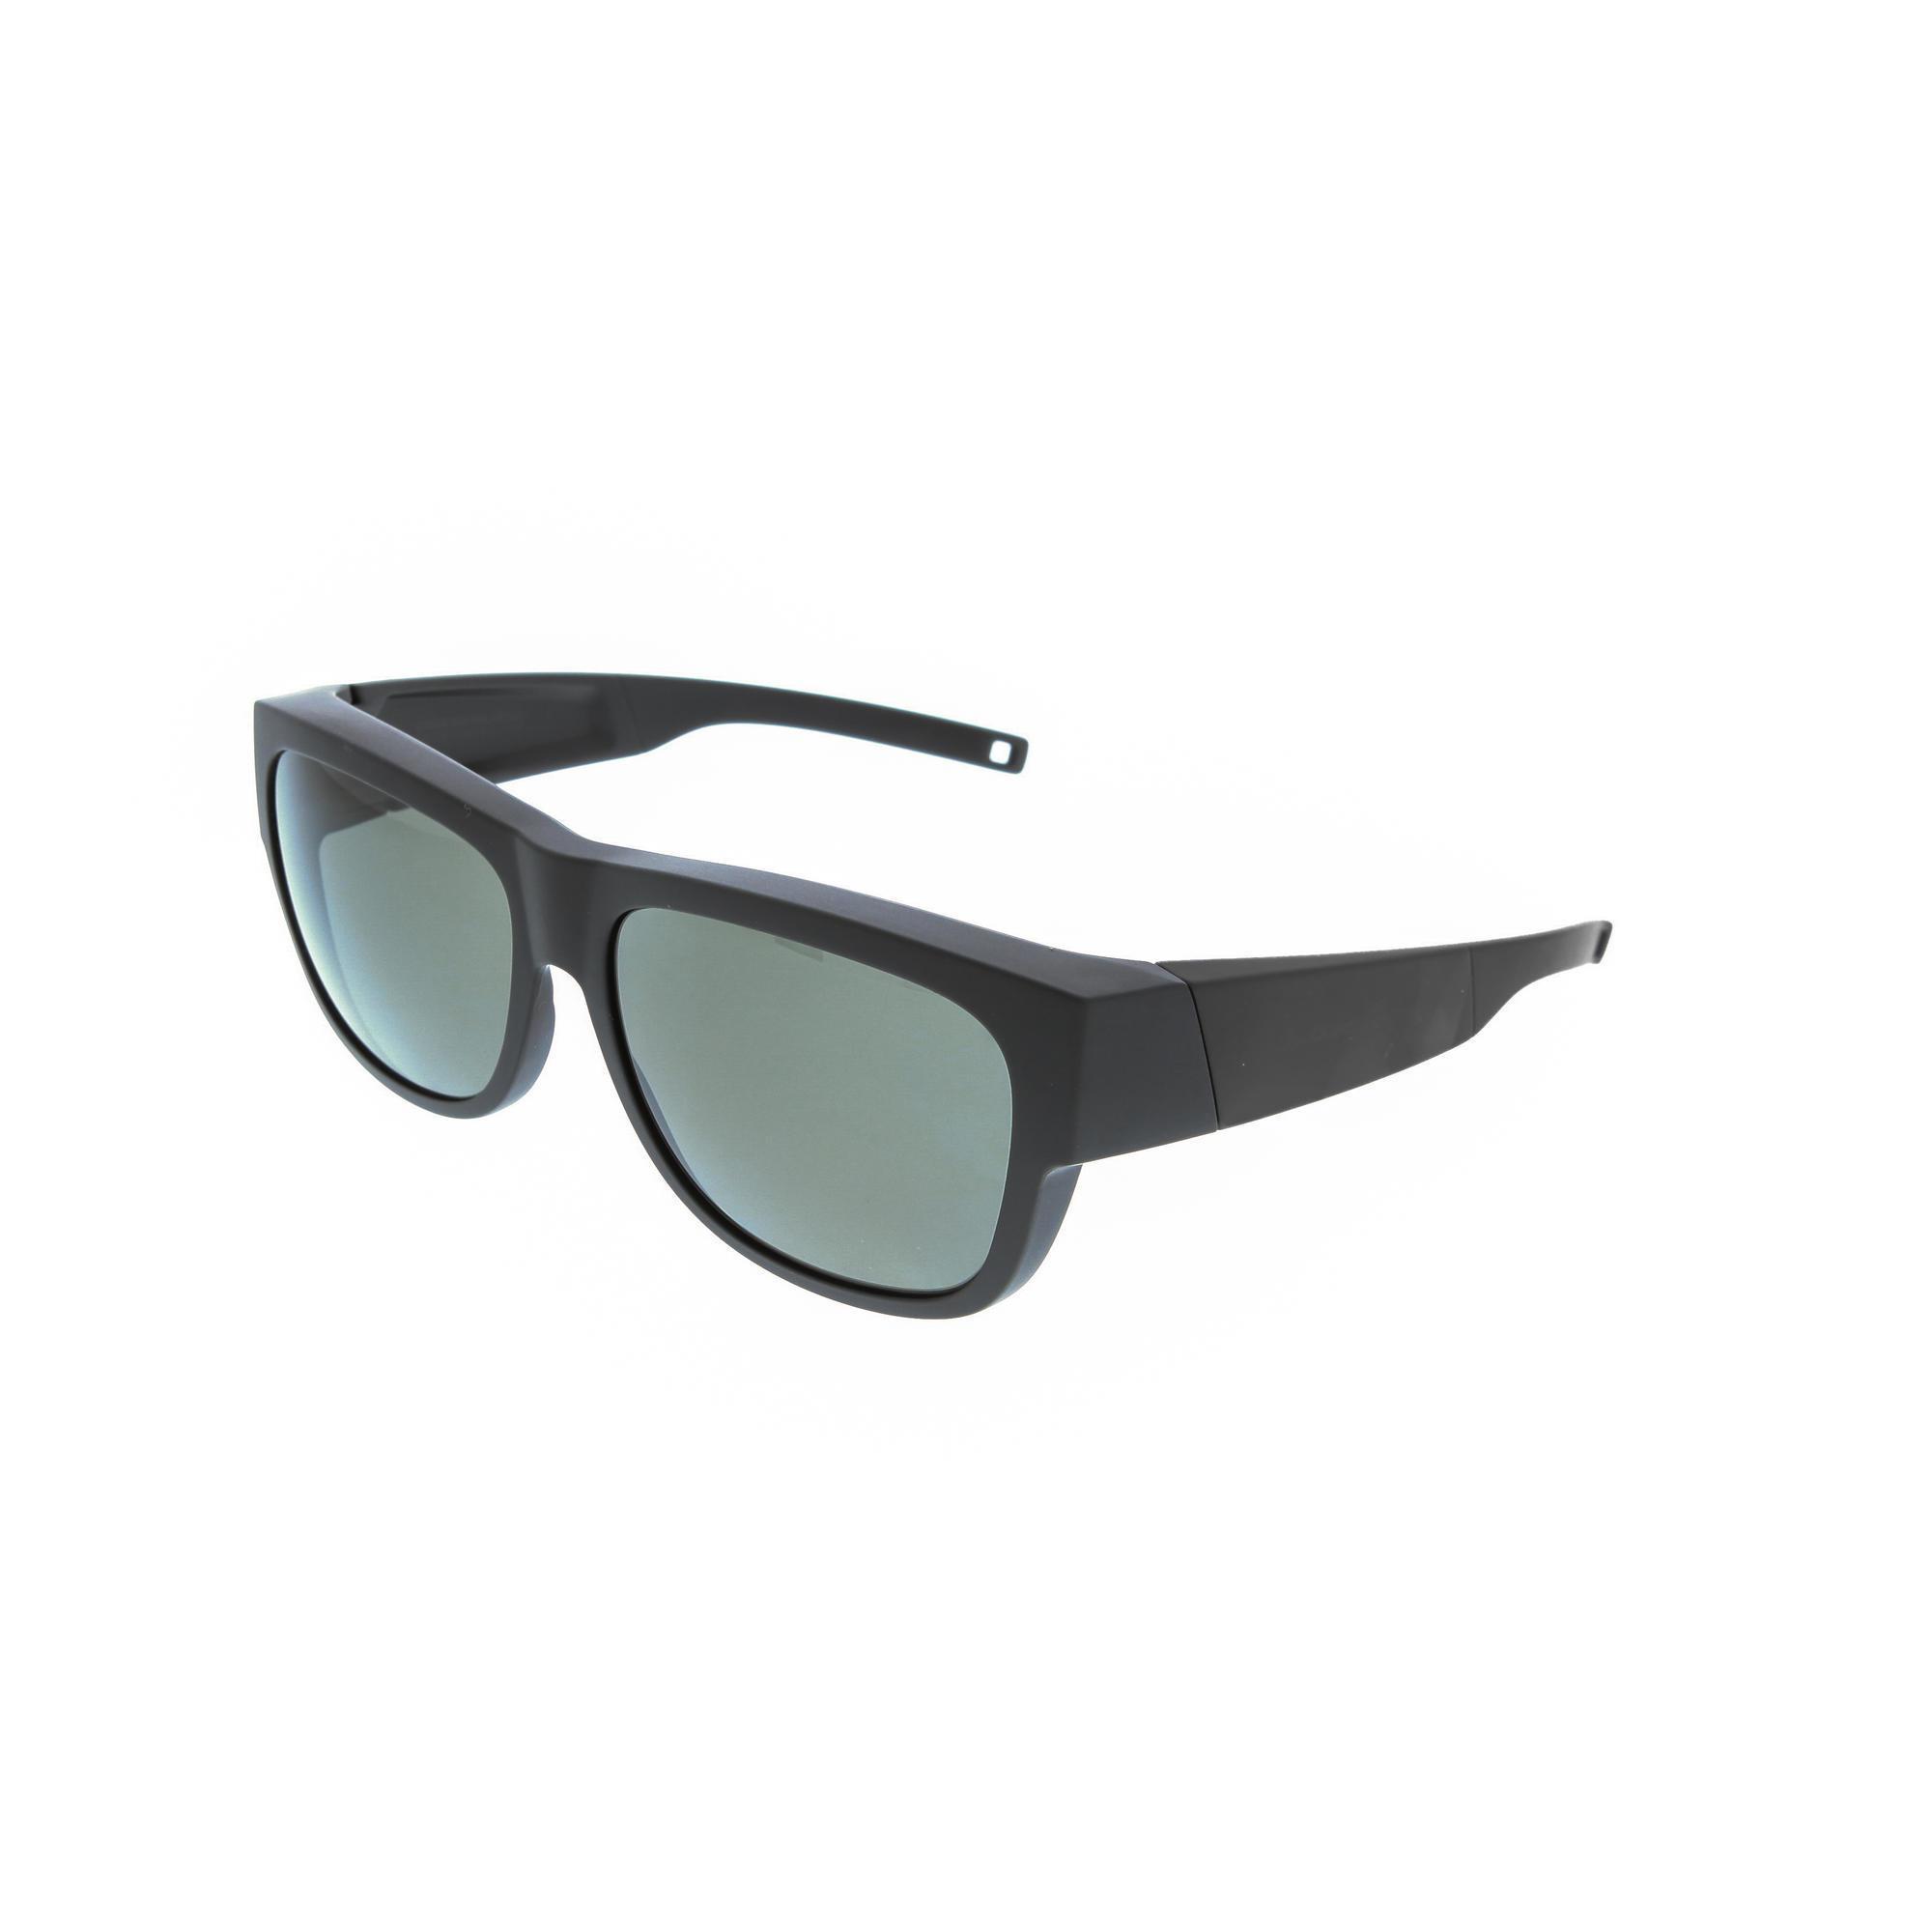 Überbrille MH 500 OTG polarisierende Gläser Kat. 3 schwarz   Uhren > Keramikuhren   Schwarz   Quechua